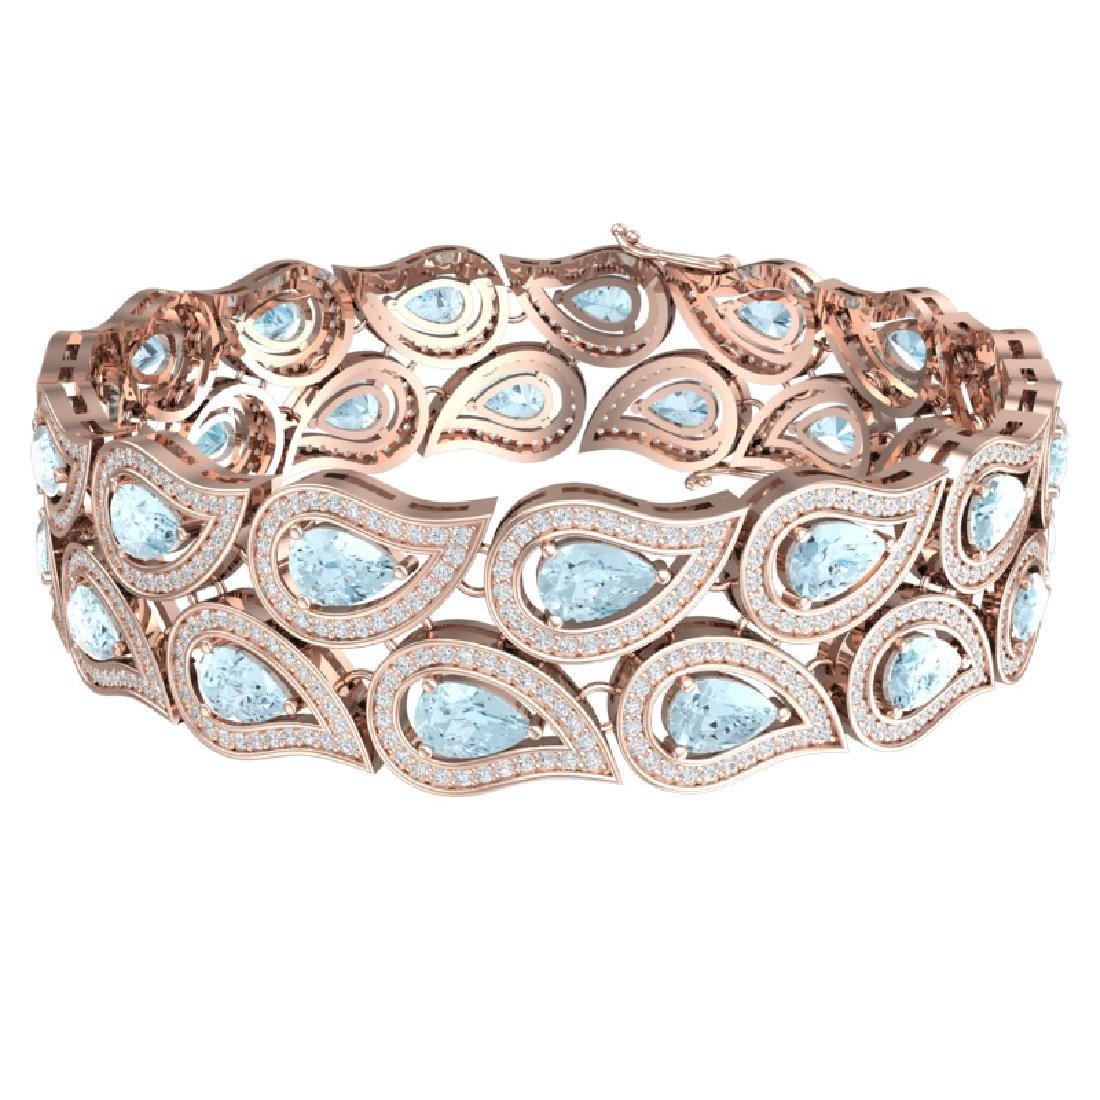 19.62 CTW Royalty Sky Topaz & VS Diamond Bracelet 18K - 3